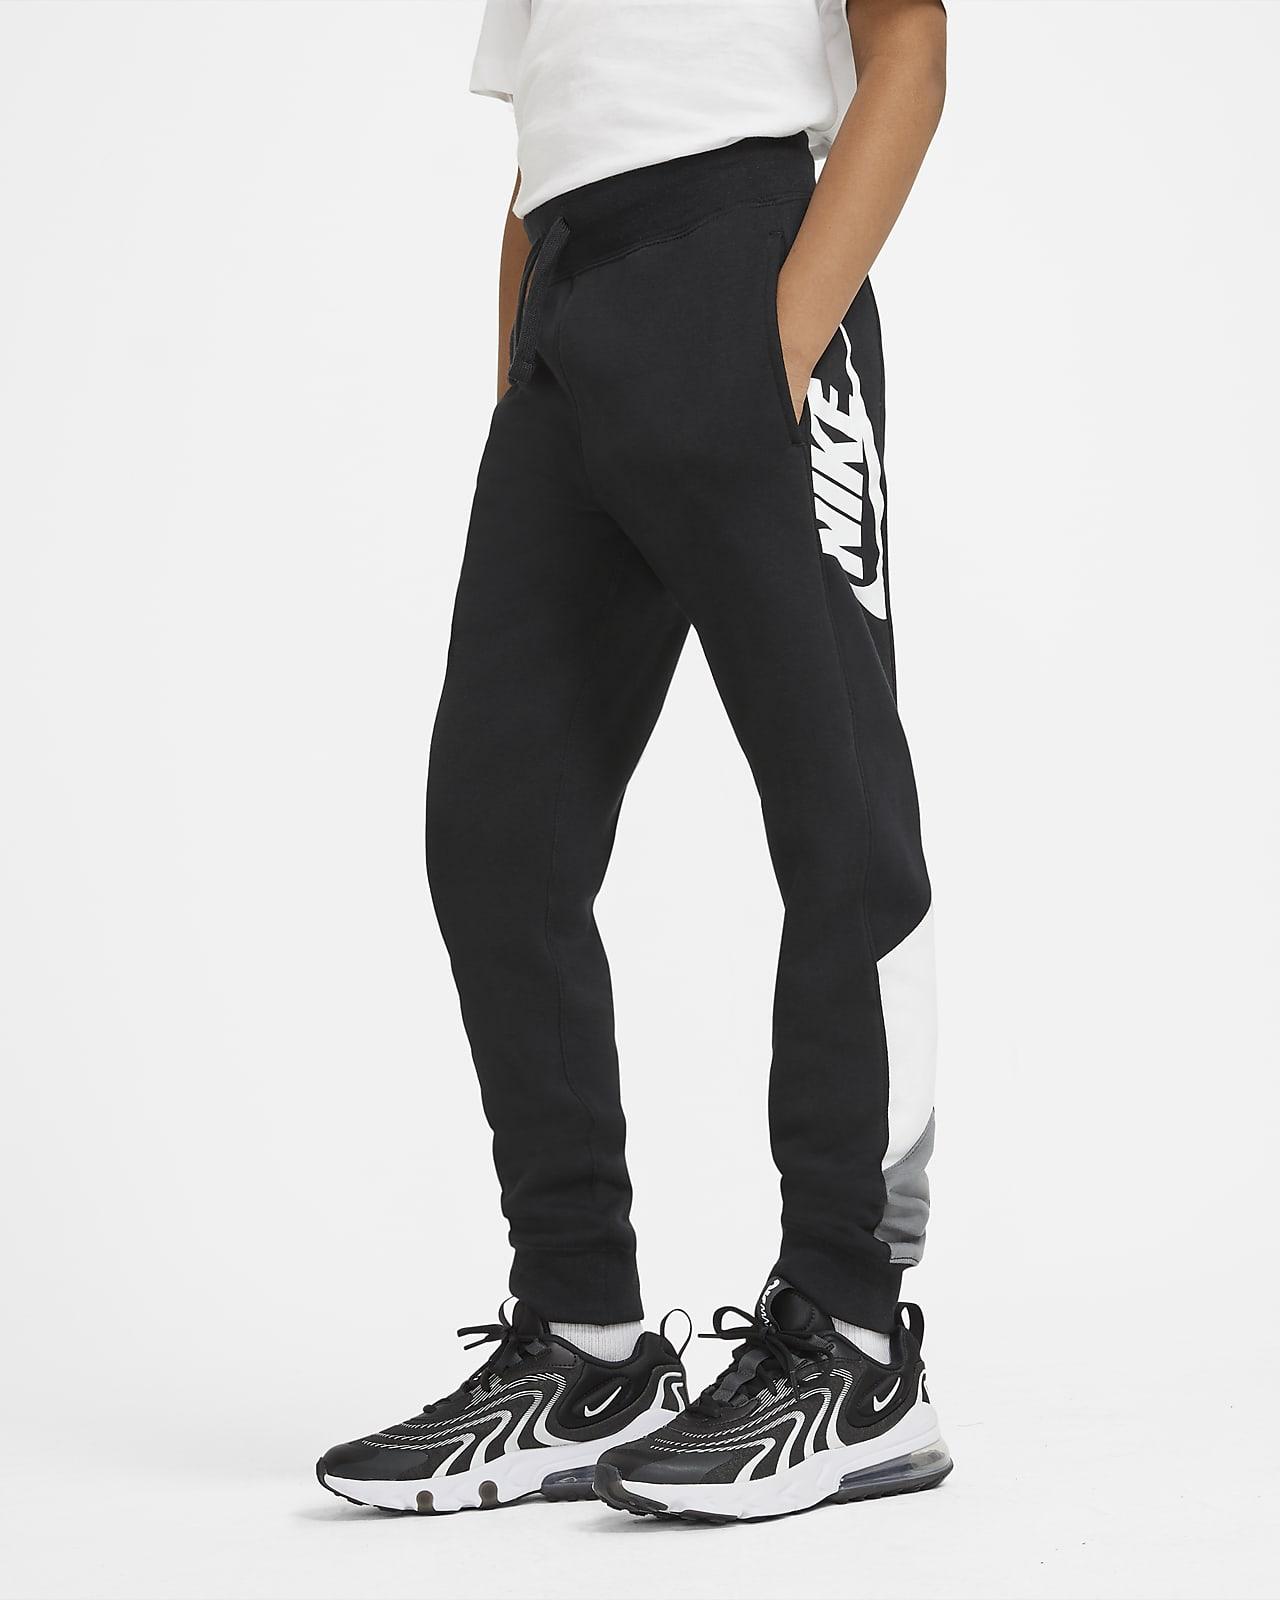 Nike Sportswear Older Kids' (Boys') Trousers